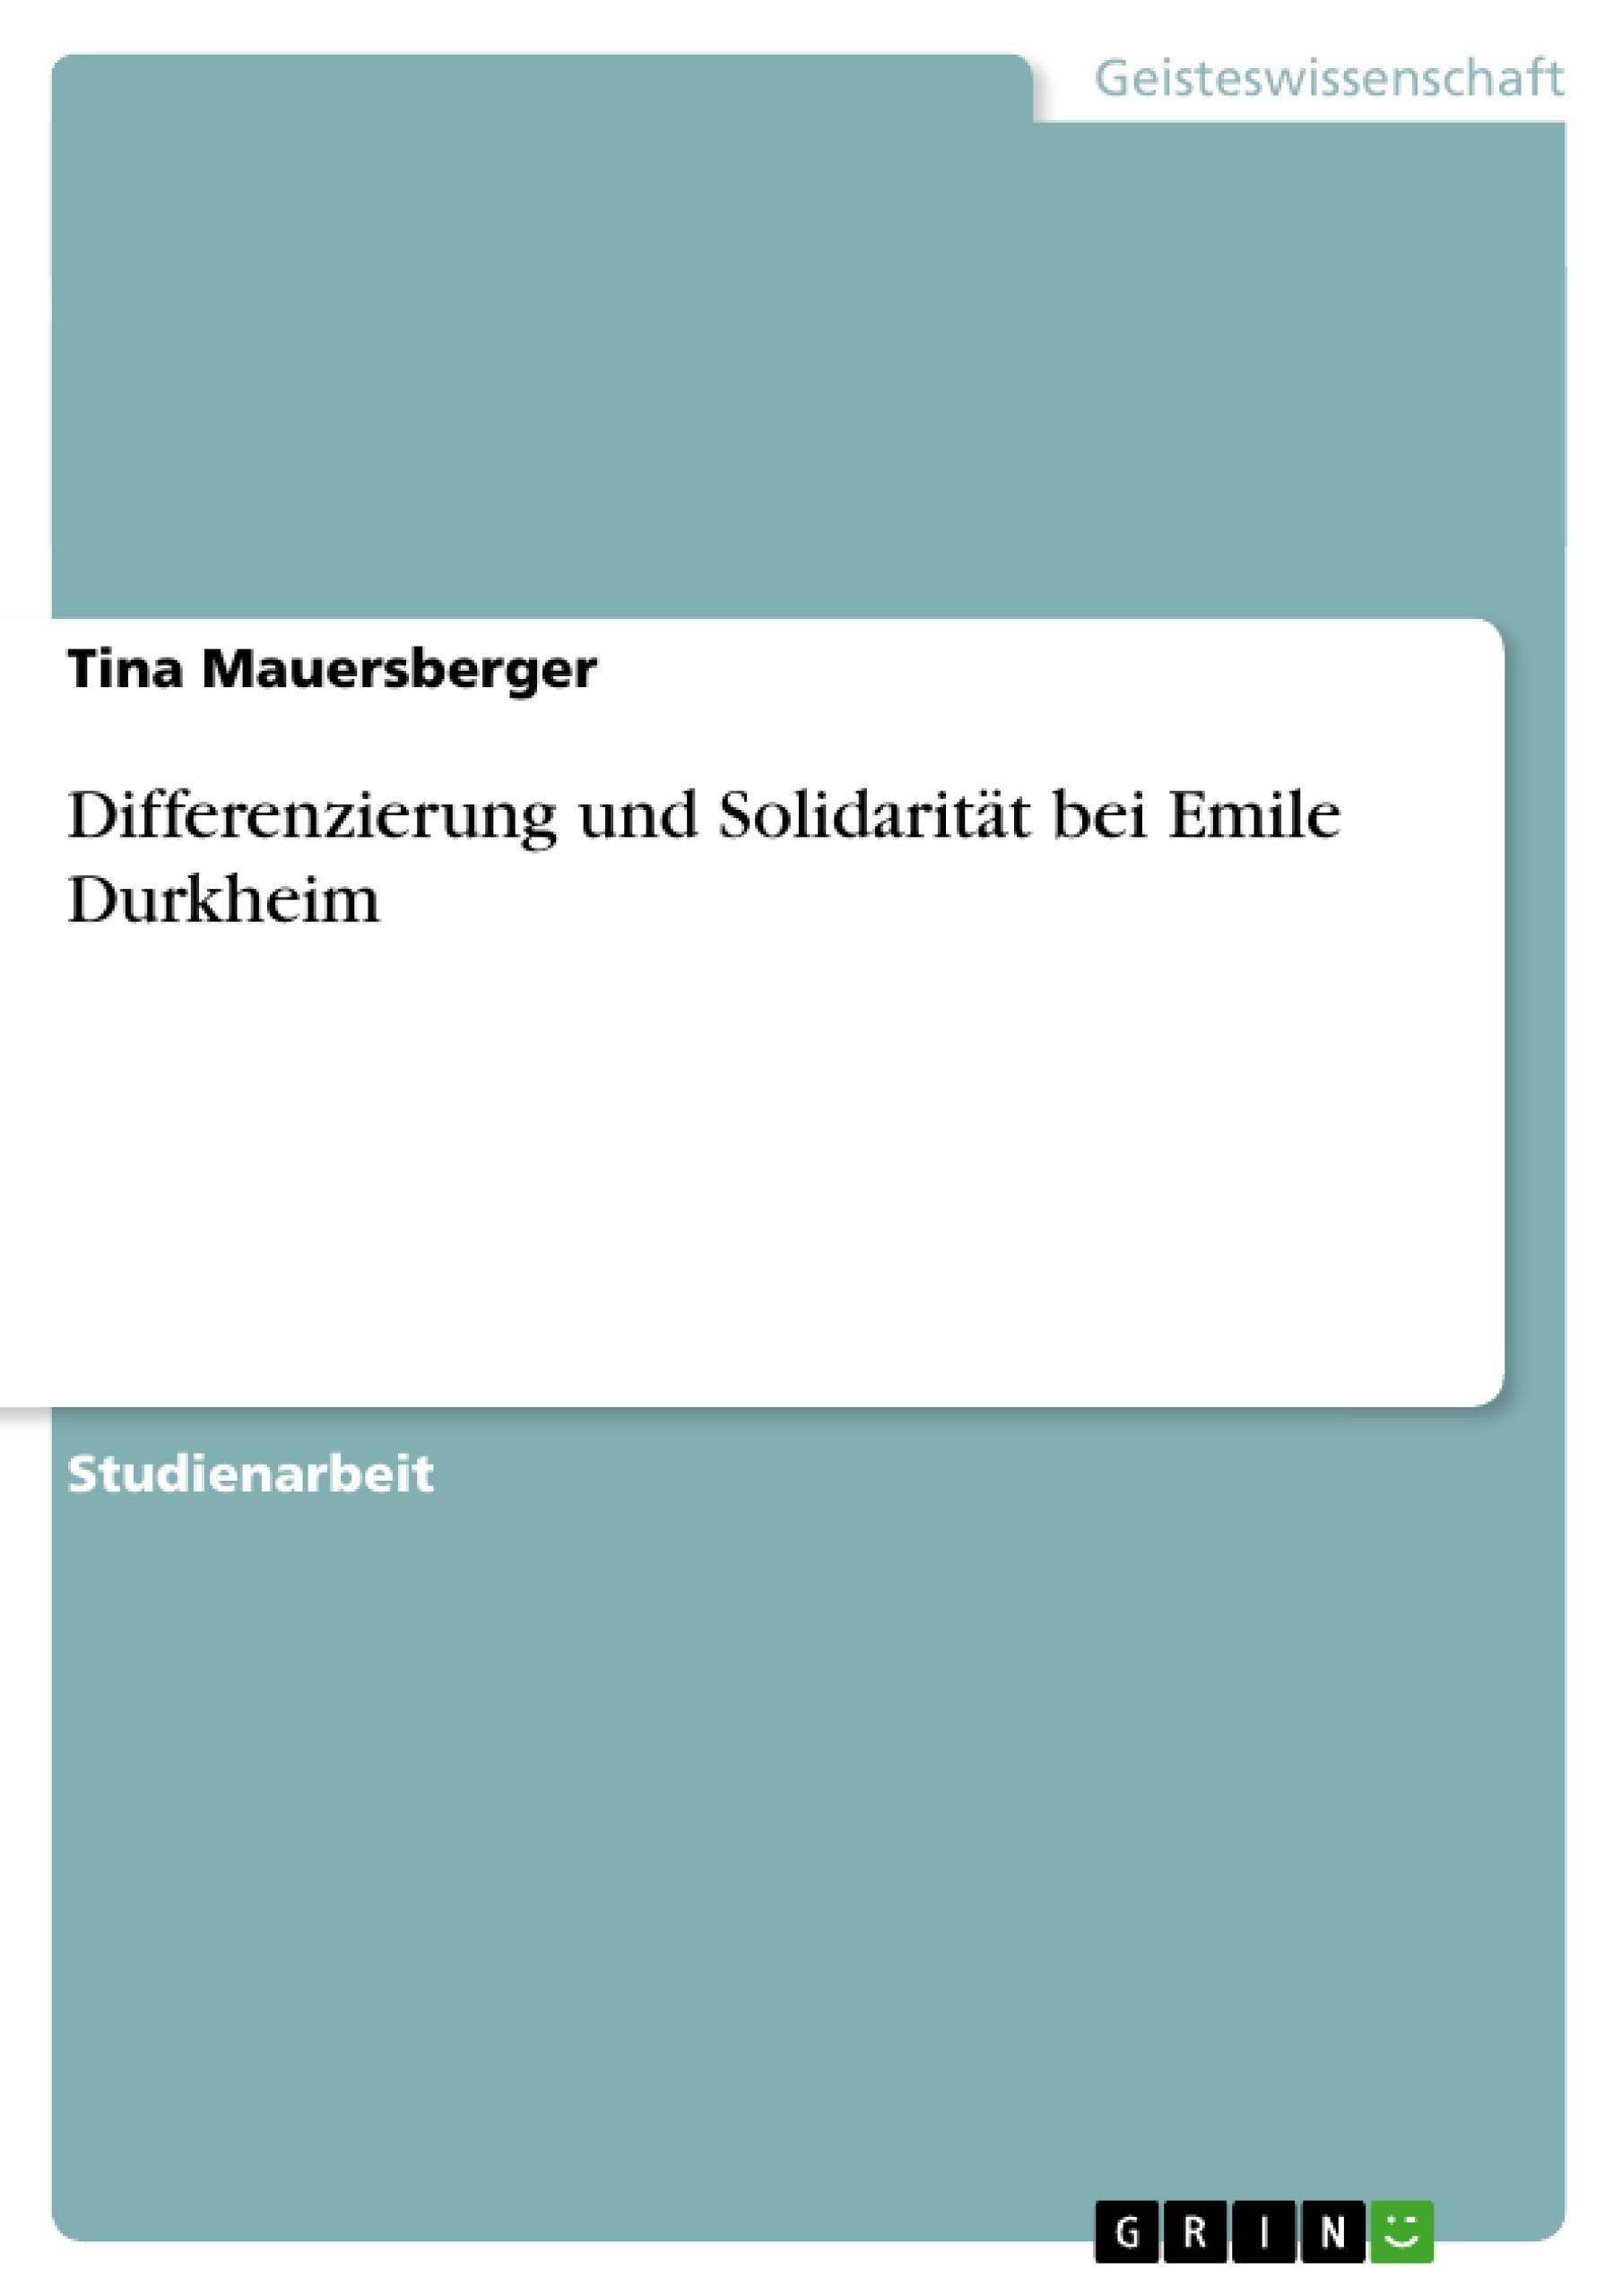 Titel: Differenzierung und Solidarität bei Emile Durkheim